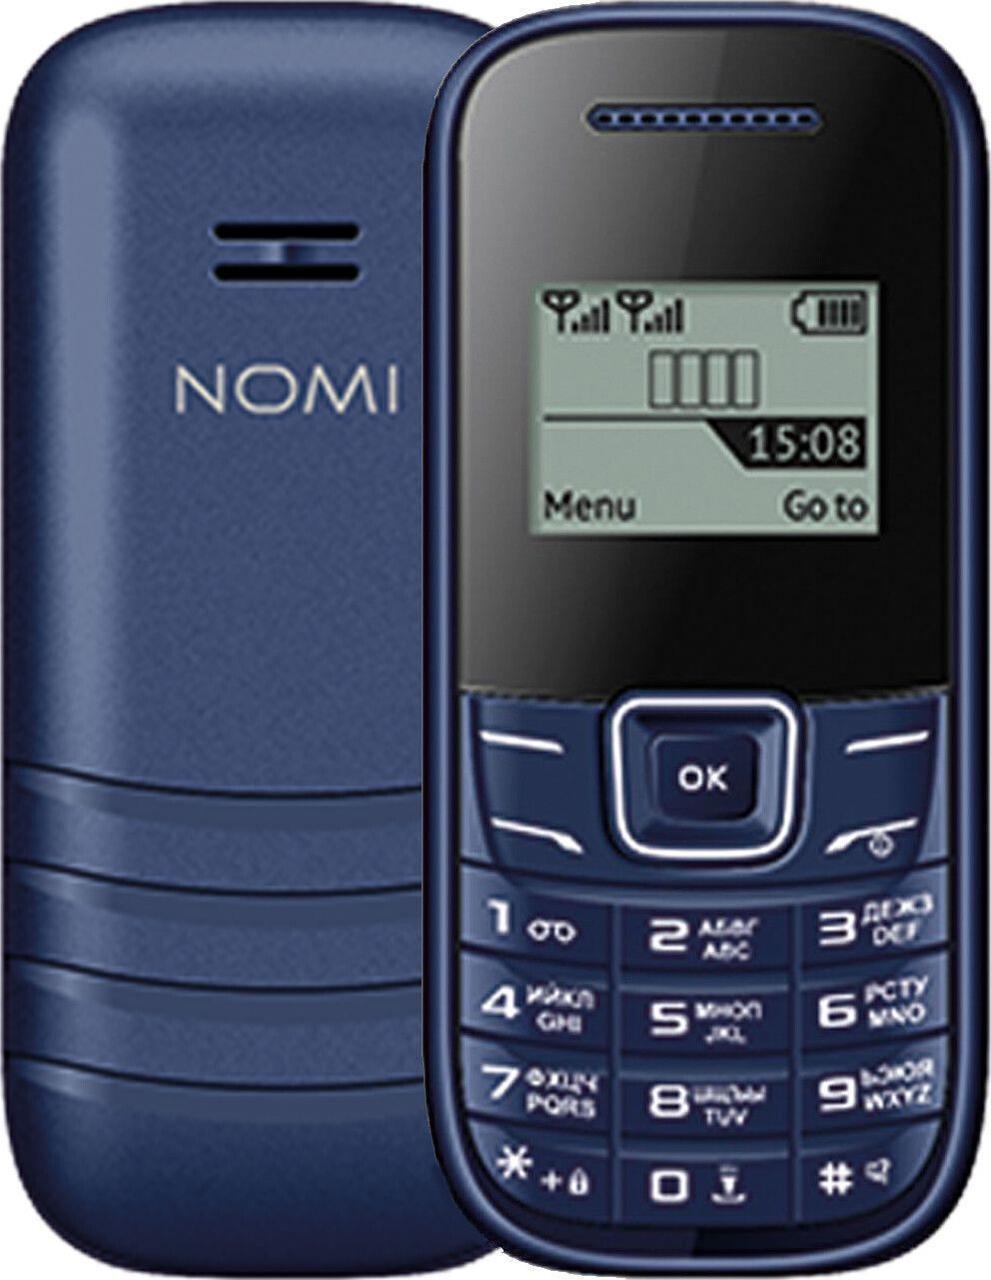 Кнопочный мобильный телефон Nomi i144m Blue бюджетный телефон недорого дешево